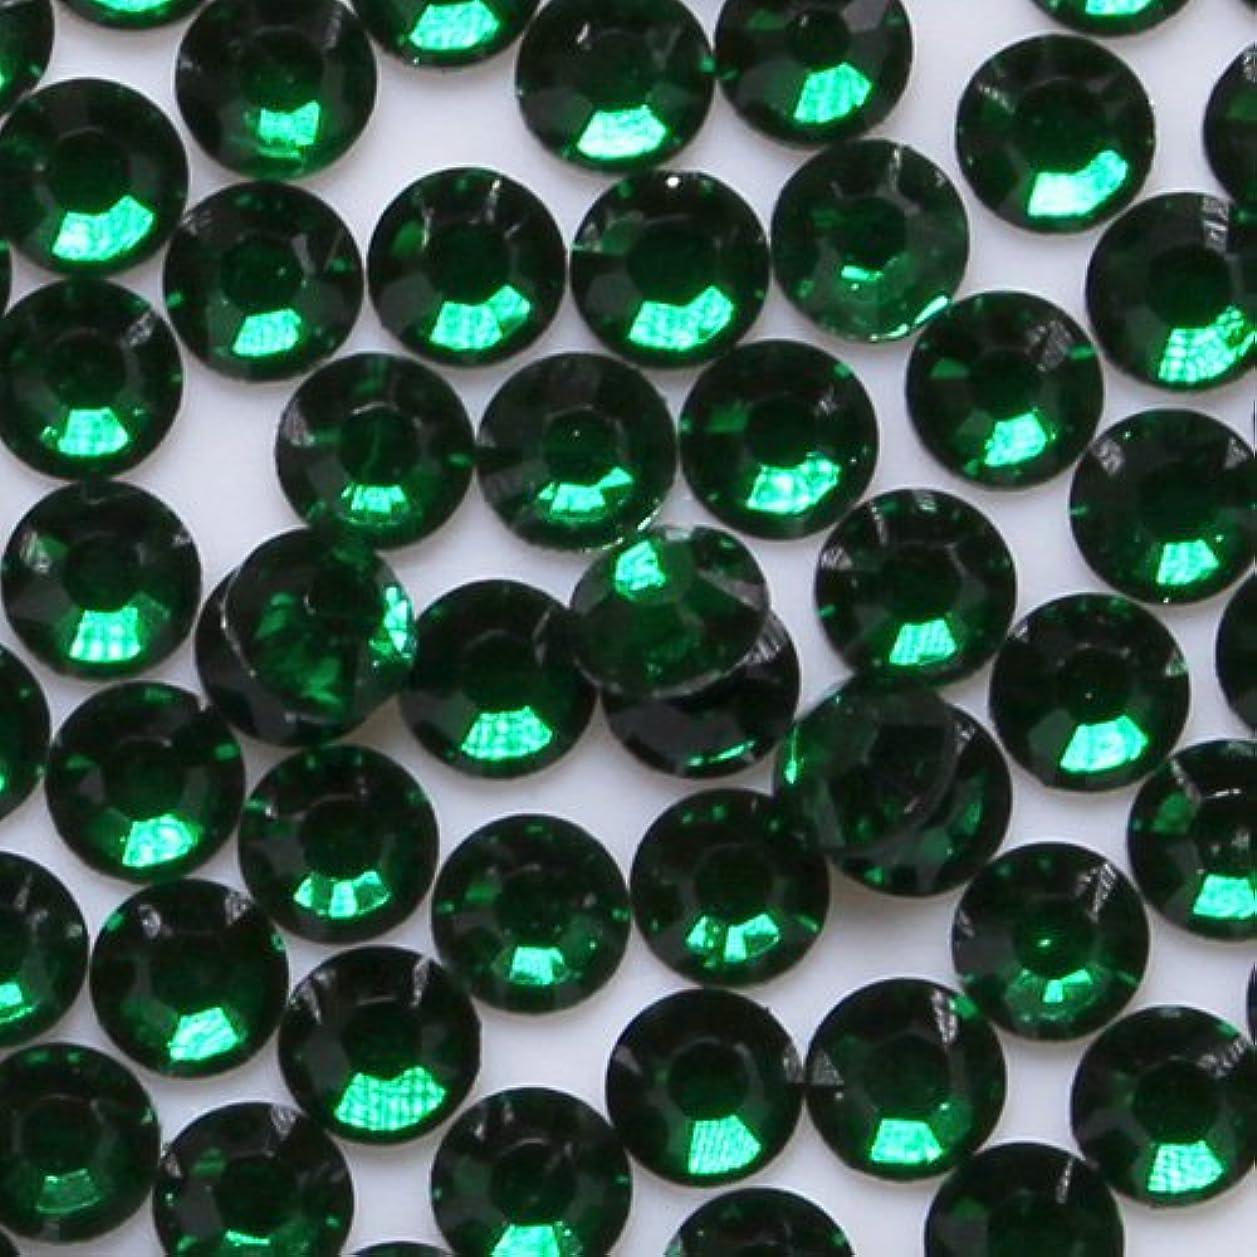 アジア北西エレクトロニック高品質 アクリルストーン ラインストーン ラウンドフラット 約1000粒入り 4mm エメラルド